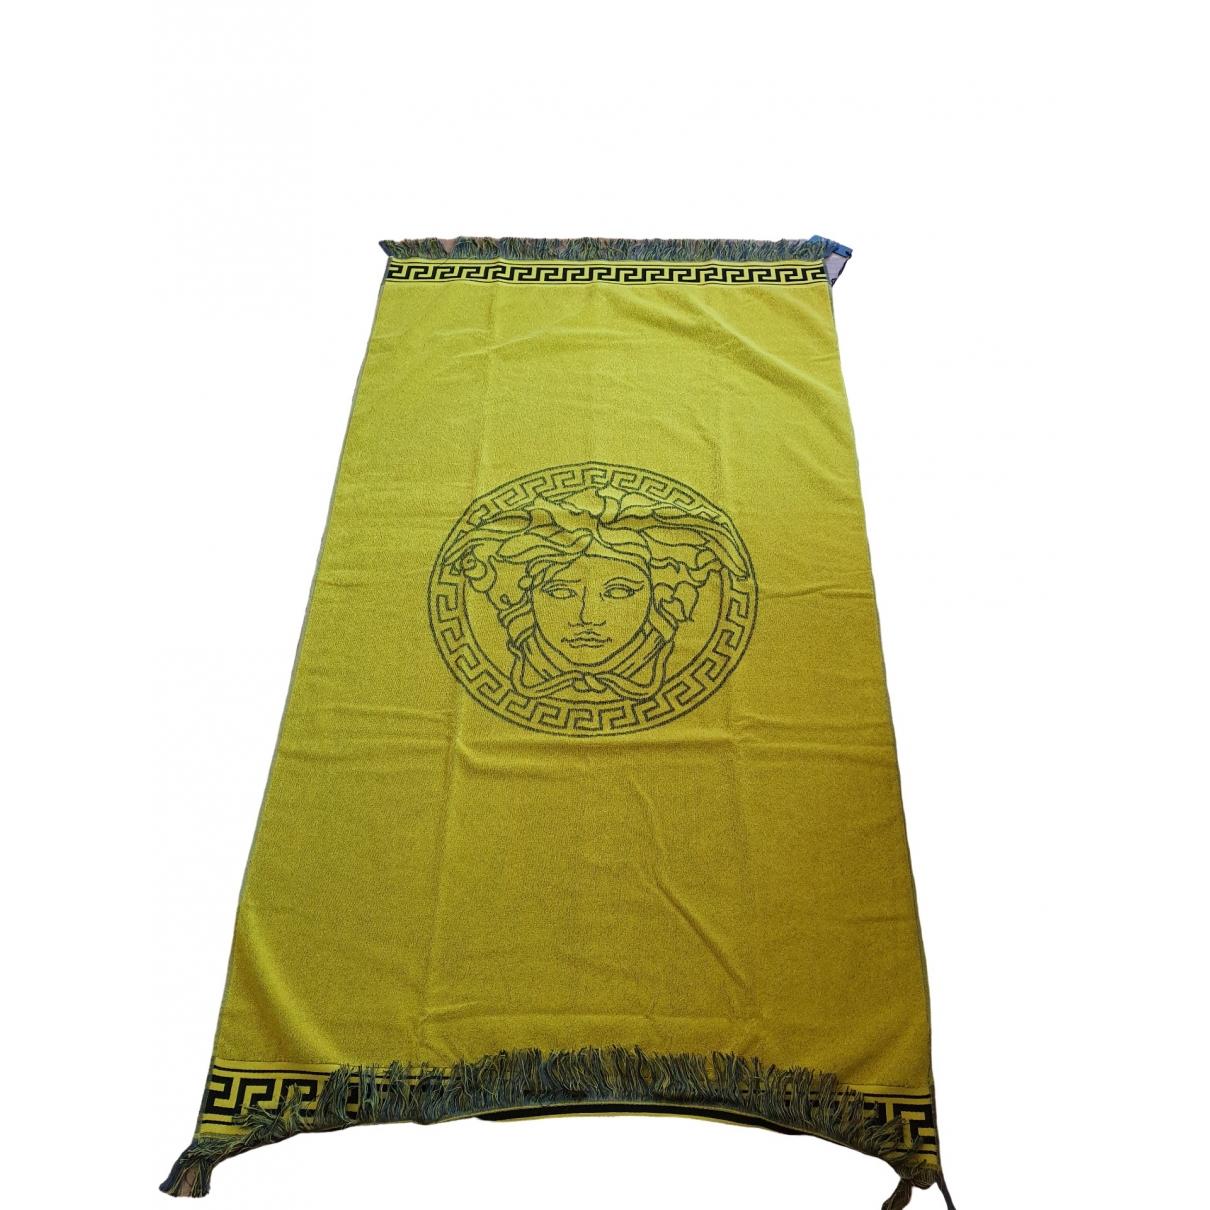 Versace - Linge de maison   pour lifestyle en coton - jaune